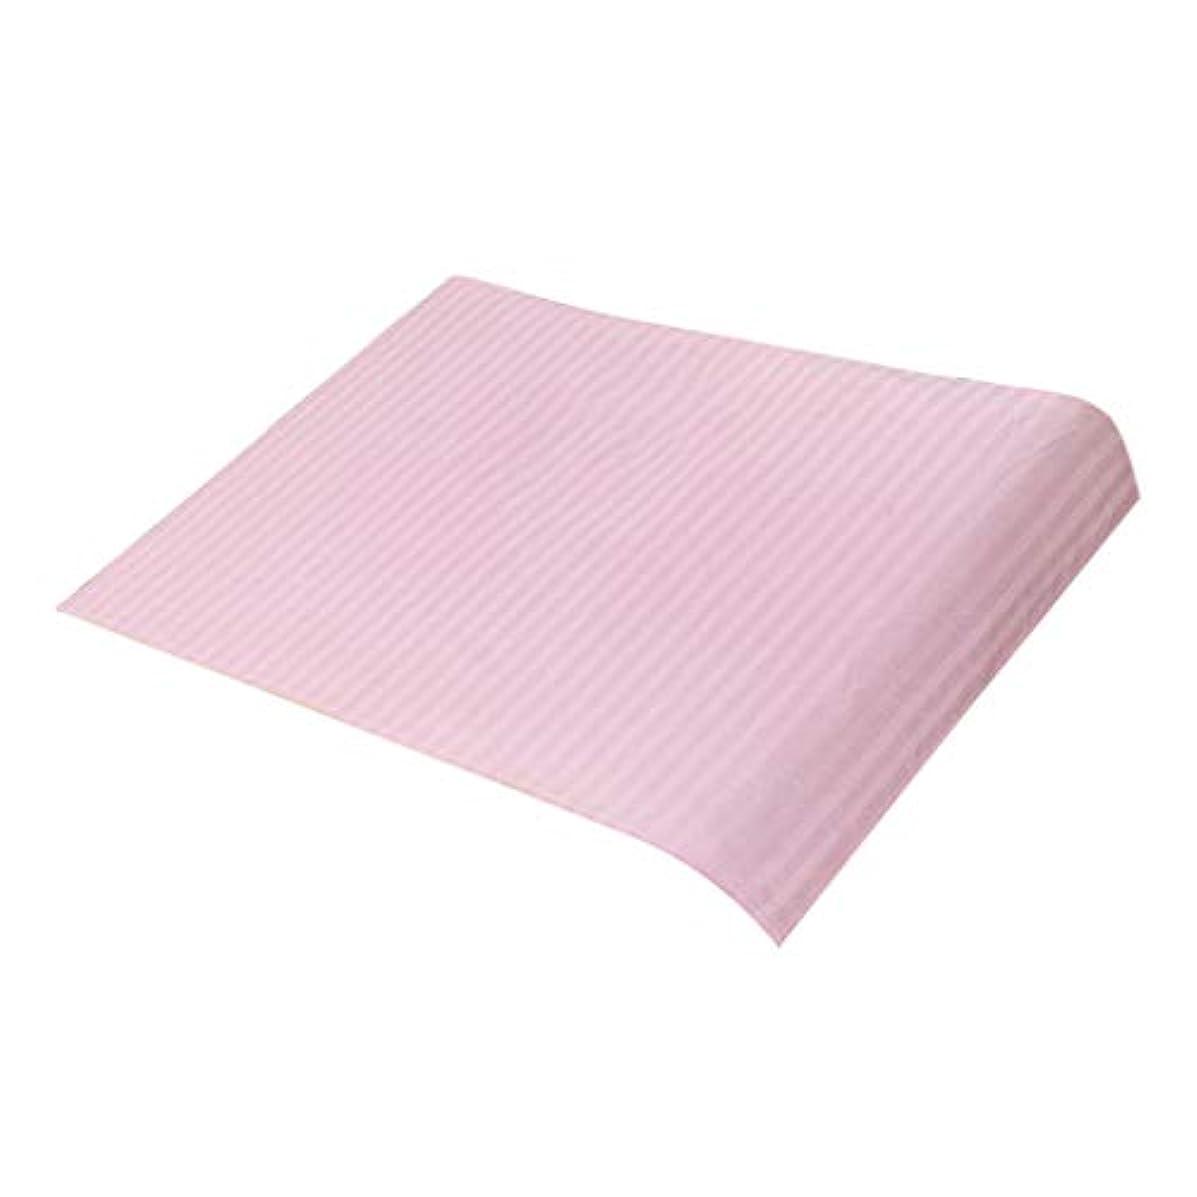 家悪名高い辞任するSM SunniMix マッサージベッドカバー 美容ベッドカバー スパ マッサージテーブルスカート 綿素材 断面デザイン - ピンク